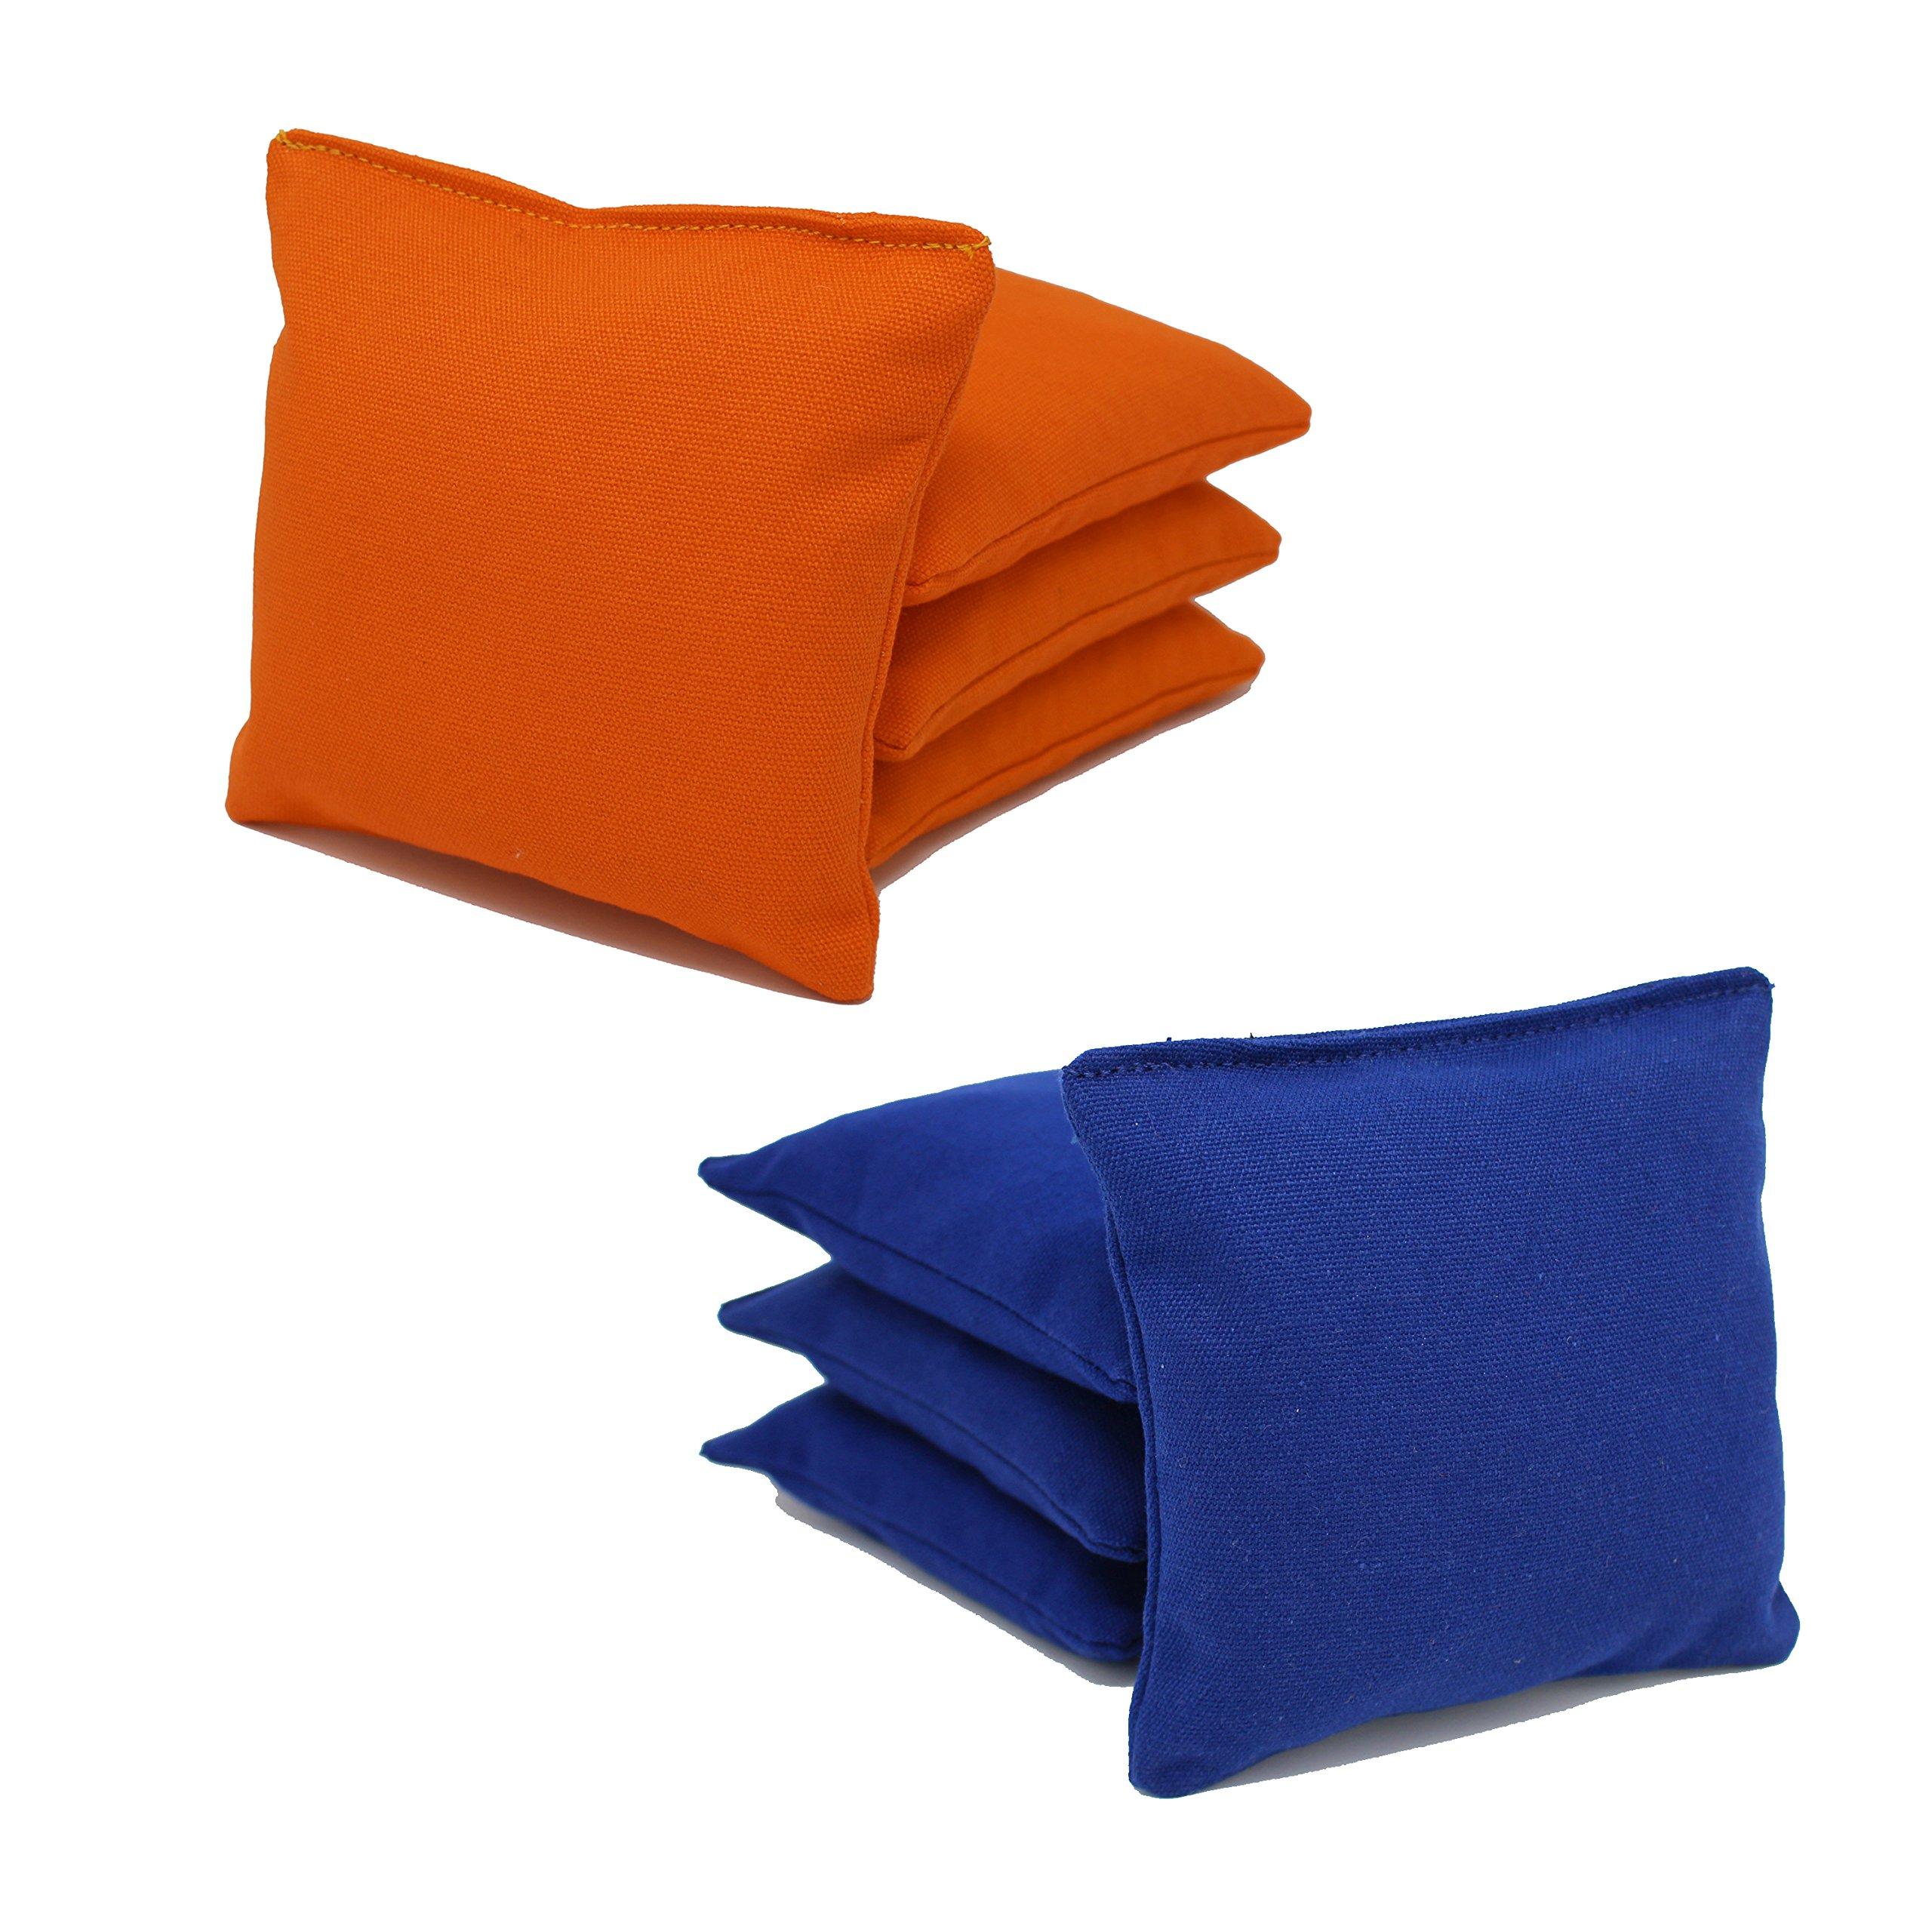 Cornhole Bags Set - (4 Orange, 4 Royal Blue) By Free Donkey Sports by Free Donkey Sports